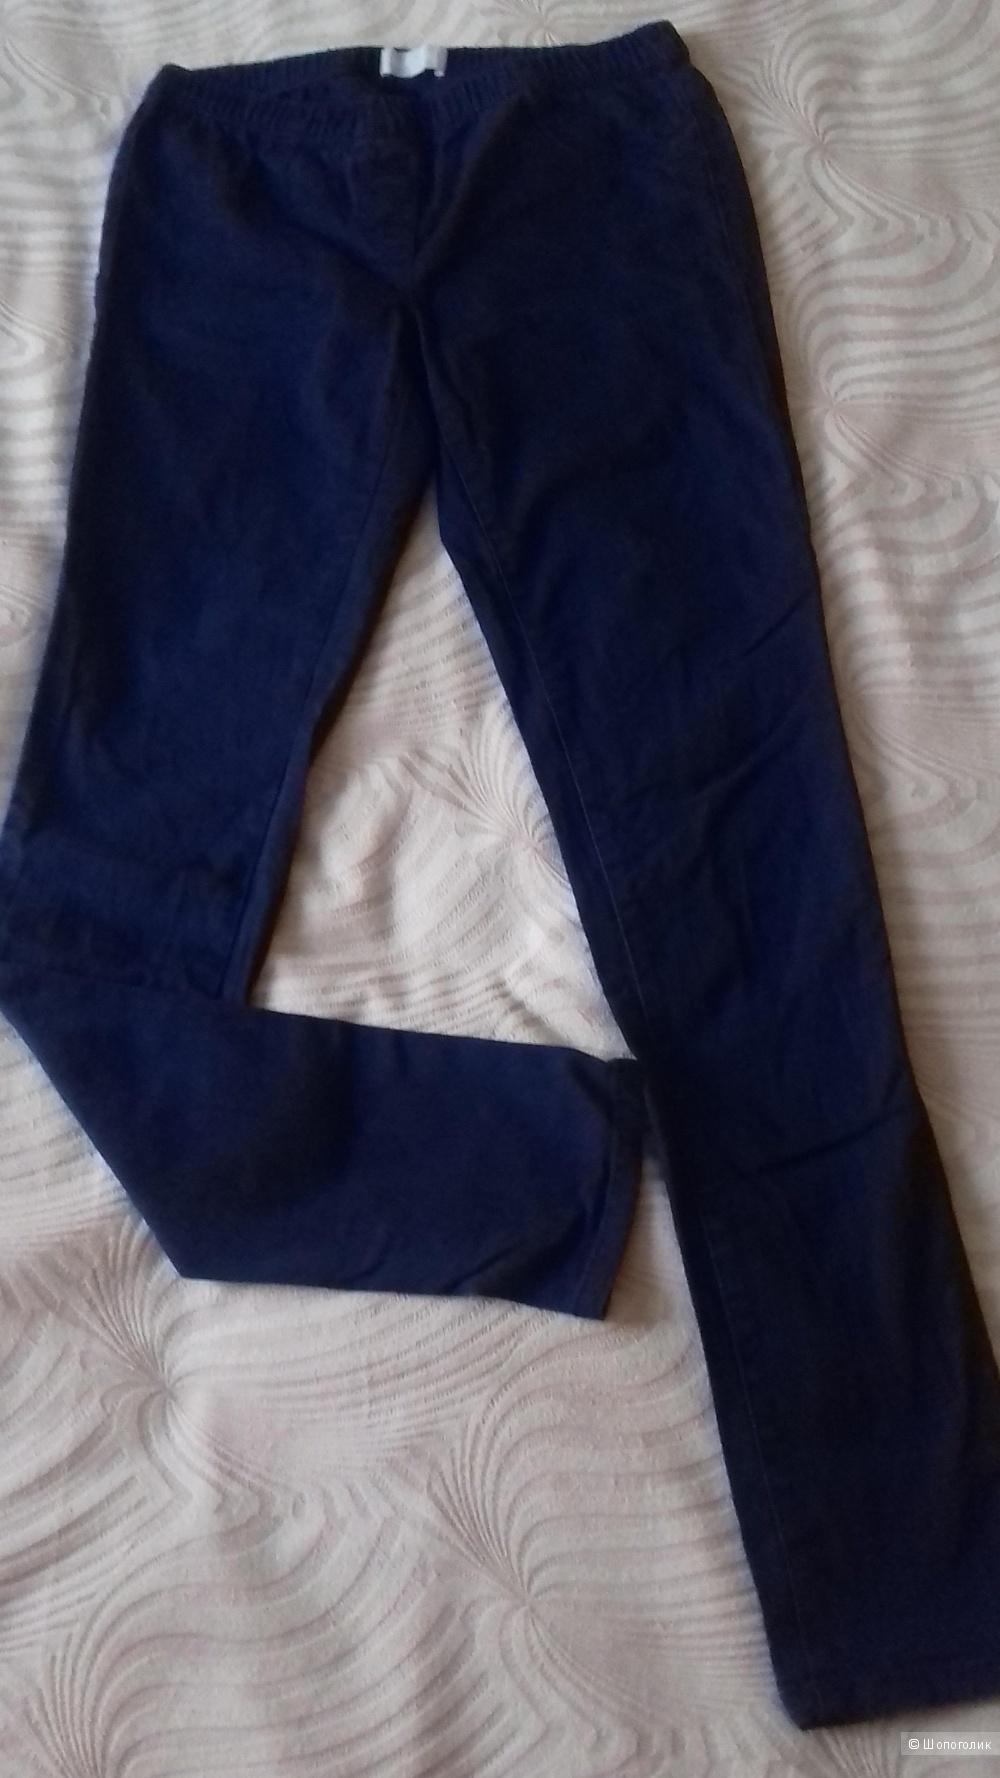 Джеггинсы Pieces, темно-синие, размер S (42/44)